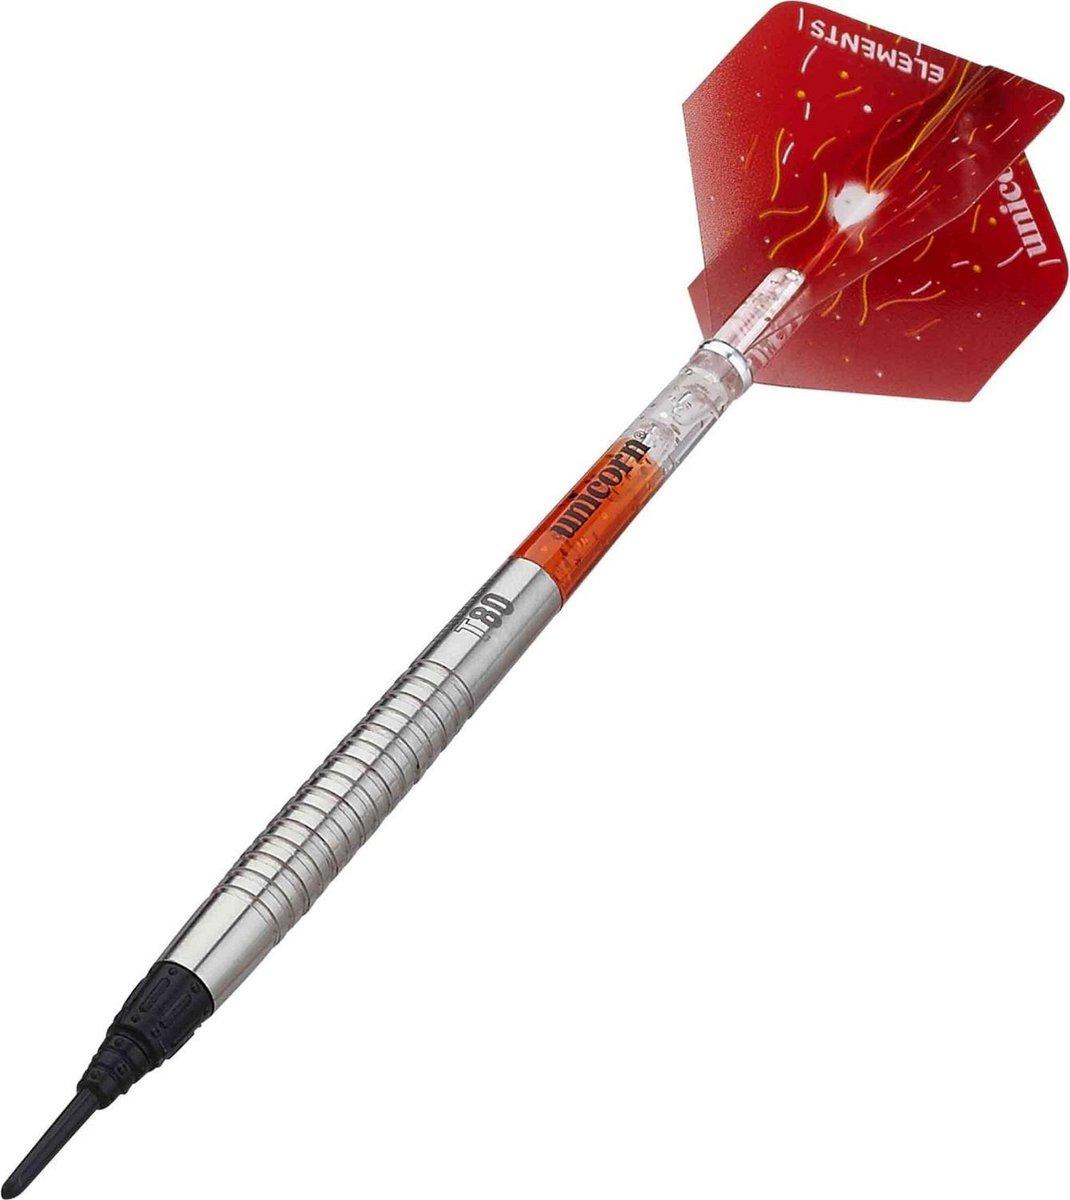 Unicorn Dartpijlen Core Xl Striker Softtip 20g Tungsten Zilver